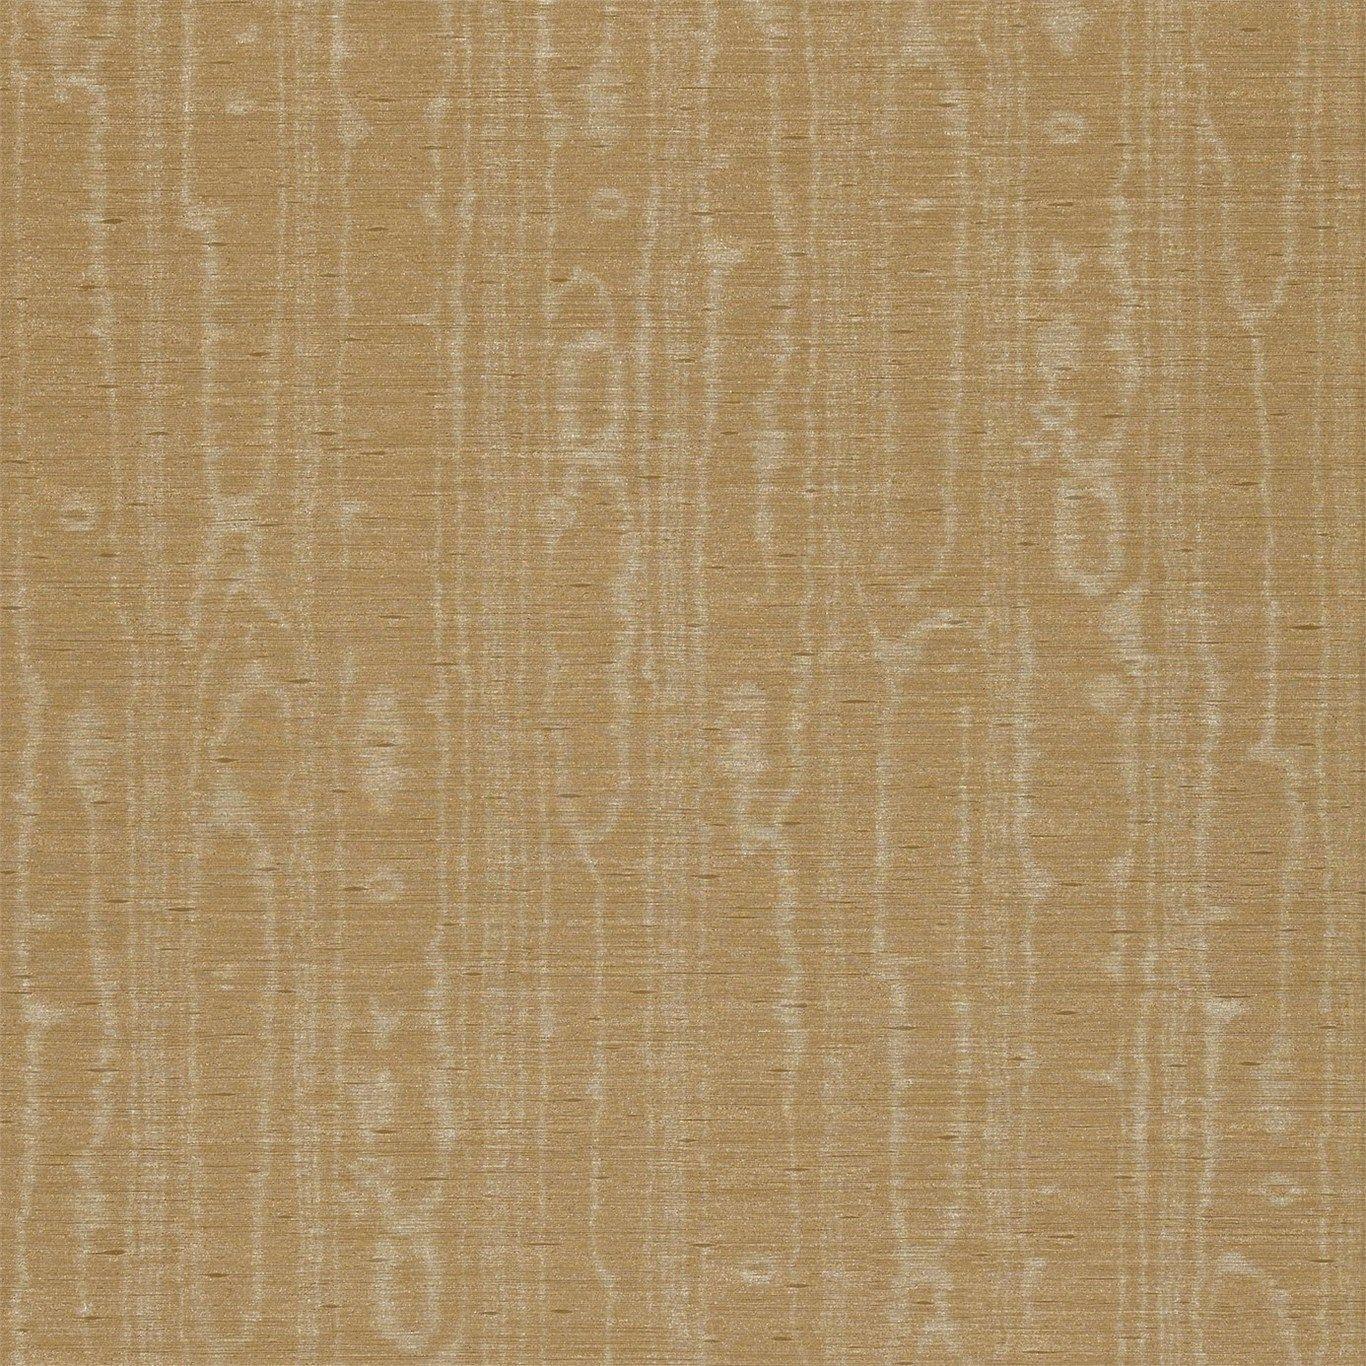 Papel Pintado Zoffany Watered Silk ZNIJ05006 . Disponible online en Modacasa.es